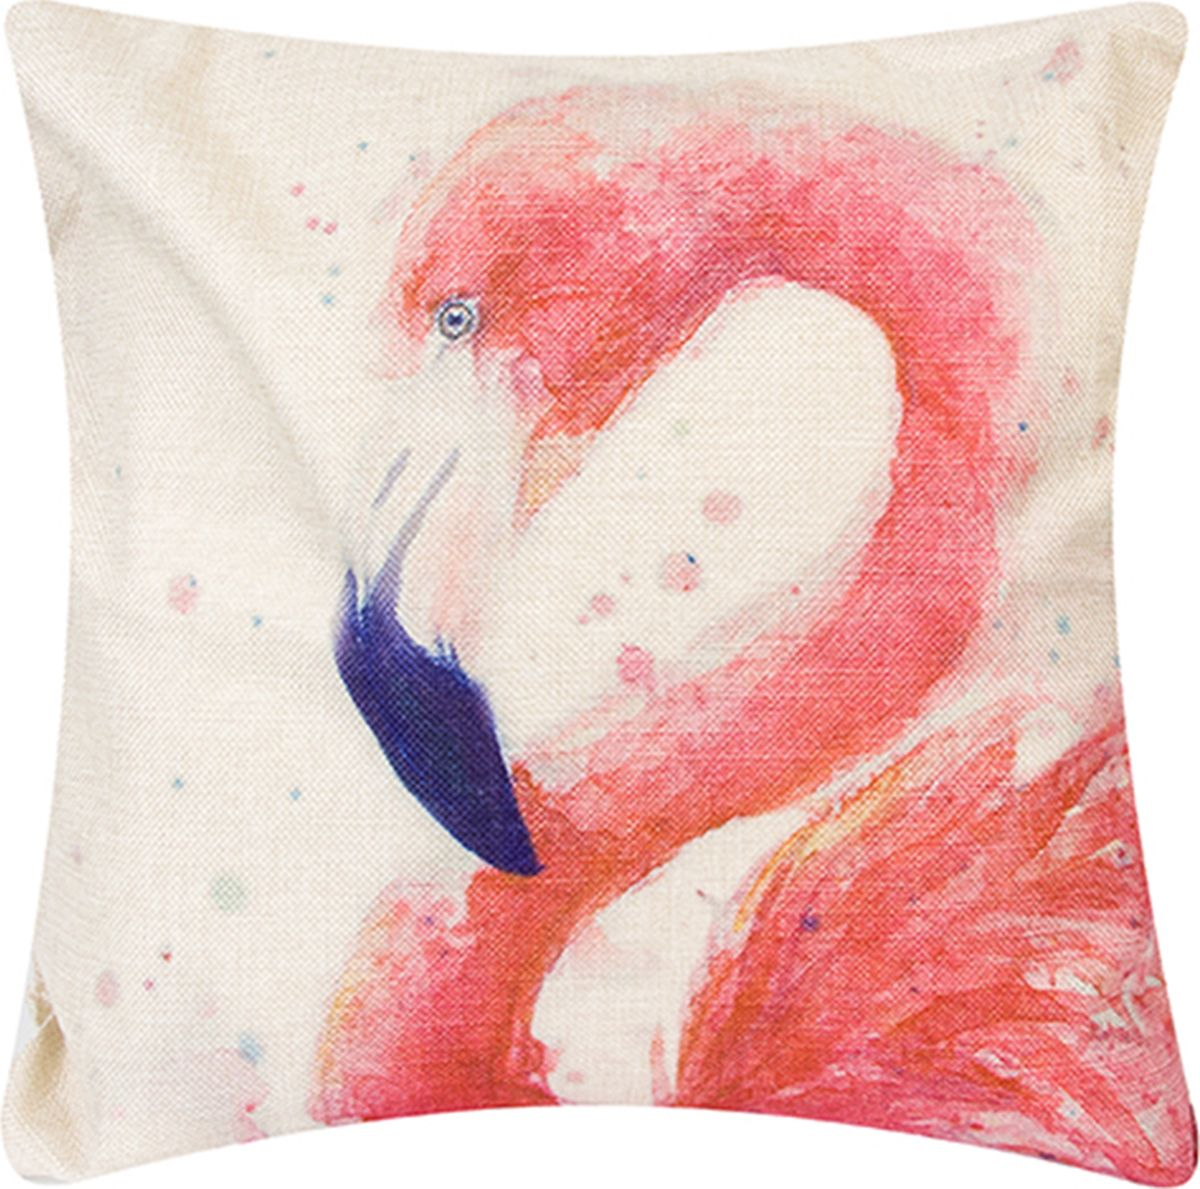 Подушка декоративная EL Casa Фламинго171706Декоративная подушка прекрасно дополнит интерьер спальни или гостиной. Состав наволочки: лен -50%, полиэстер-50%. Она легко снимается, благодаря молнии. Внутри подушки находится мягкий наполнитель. Размер: 43 x 43 см